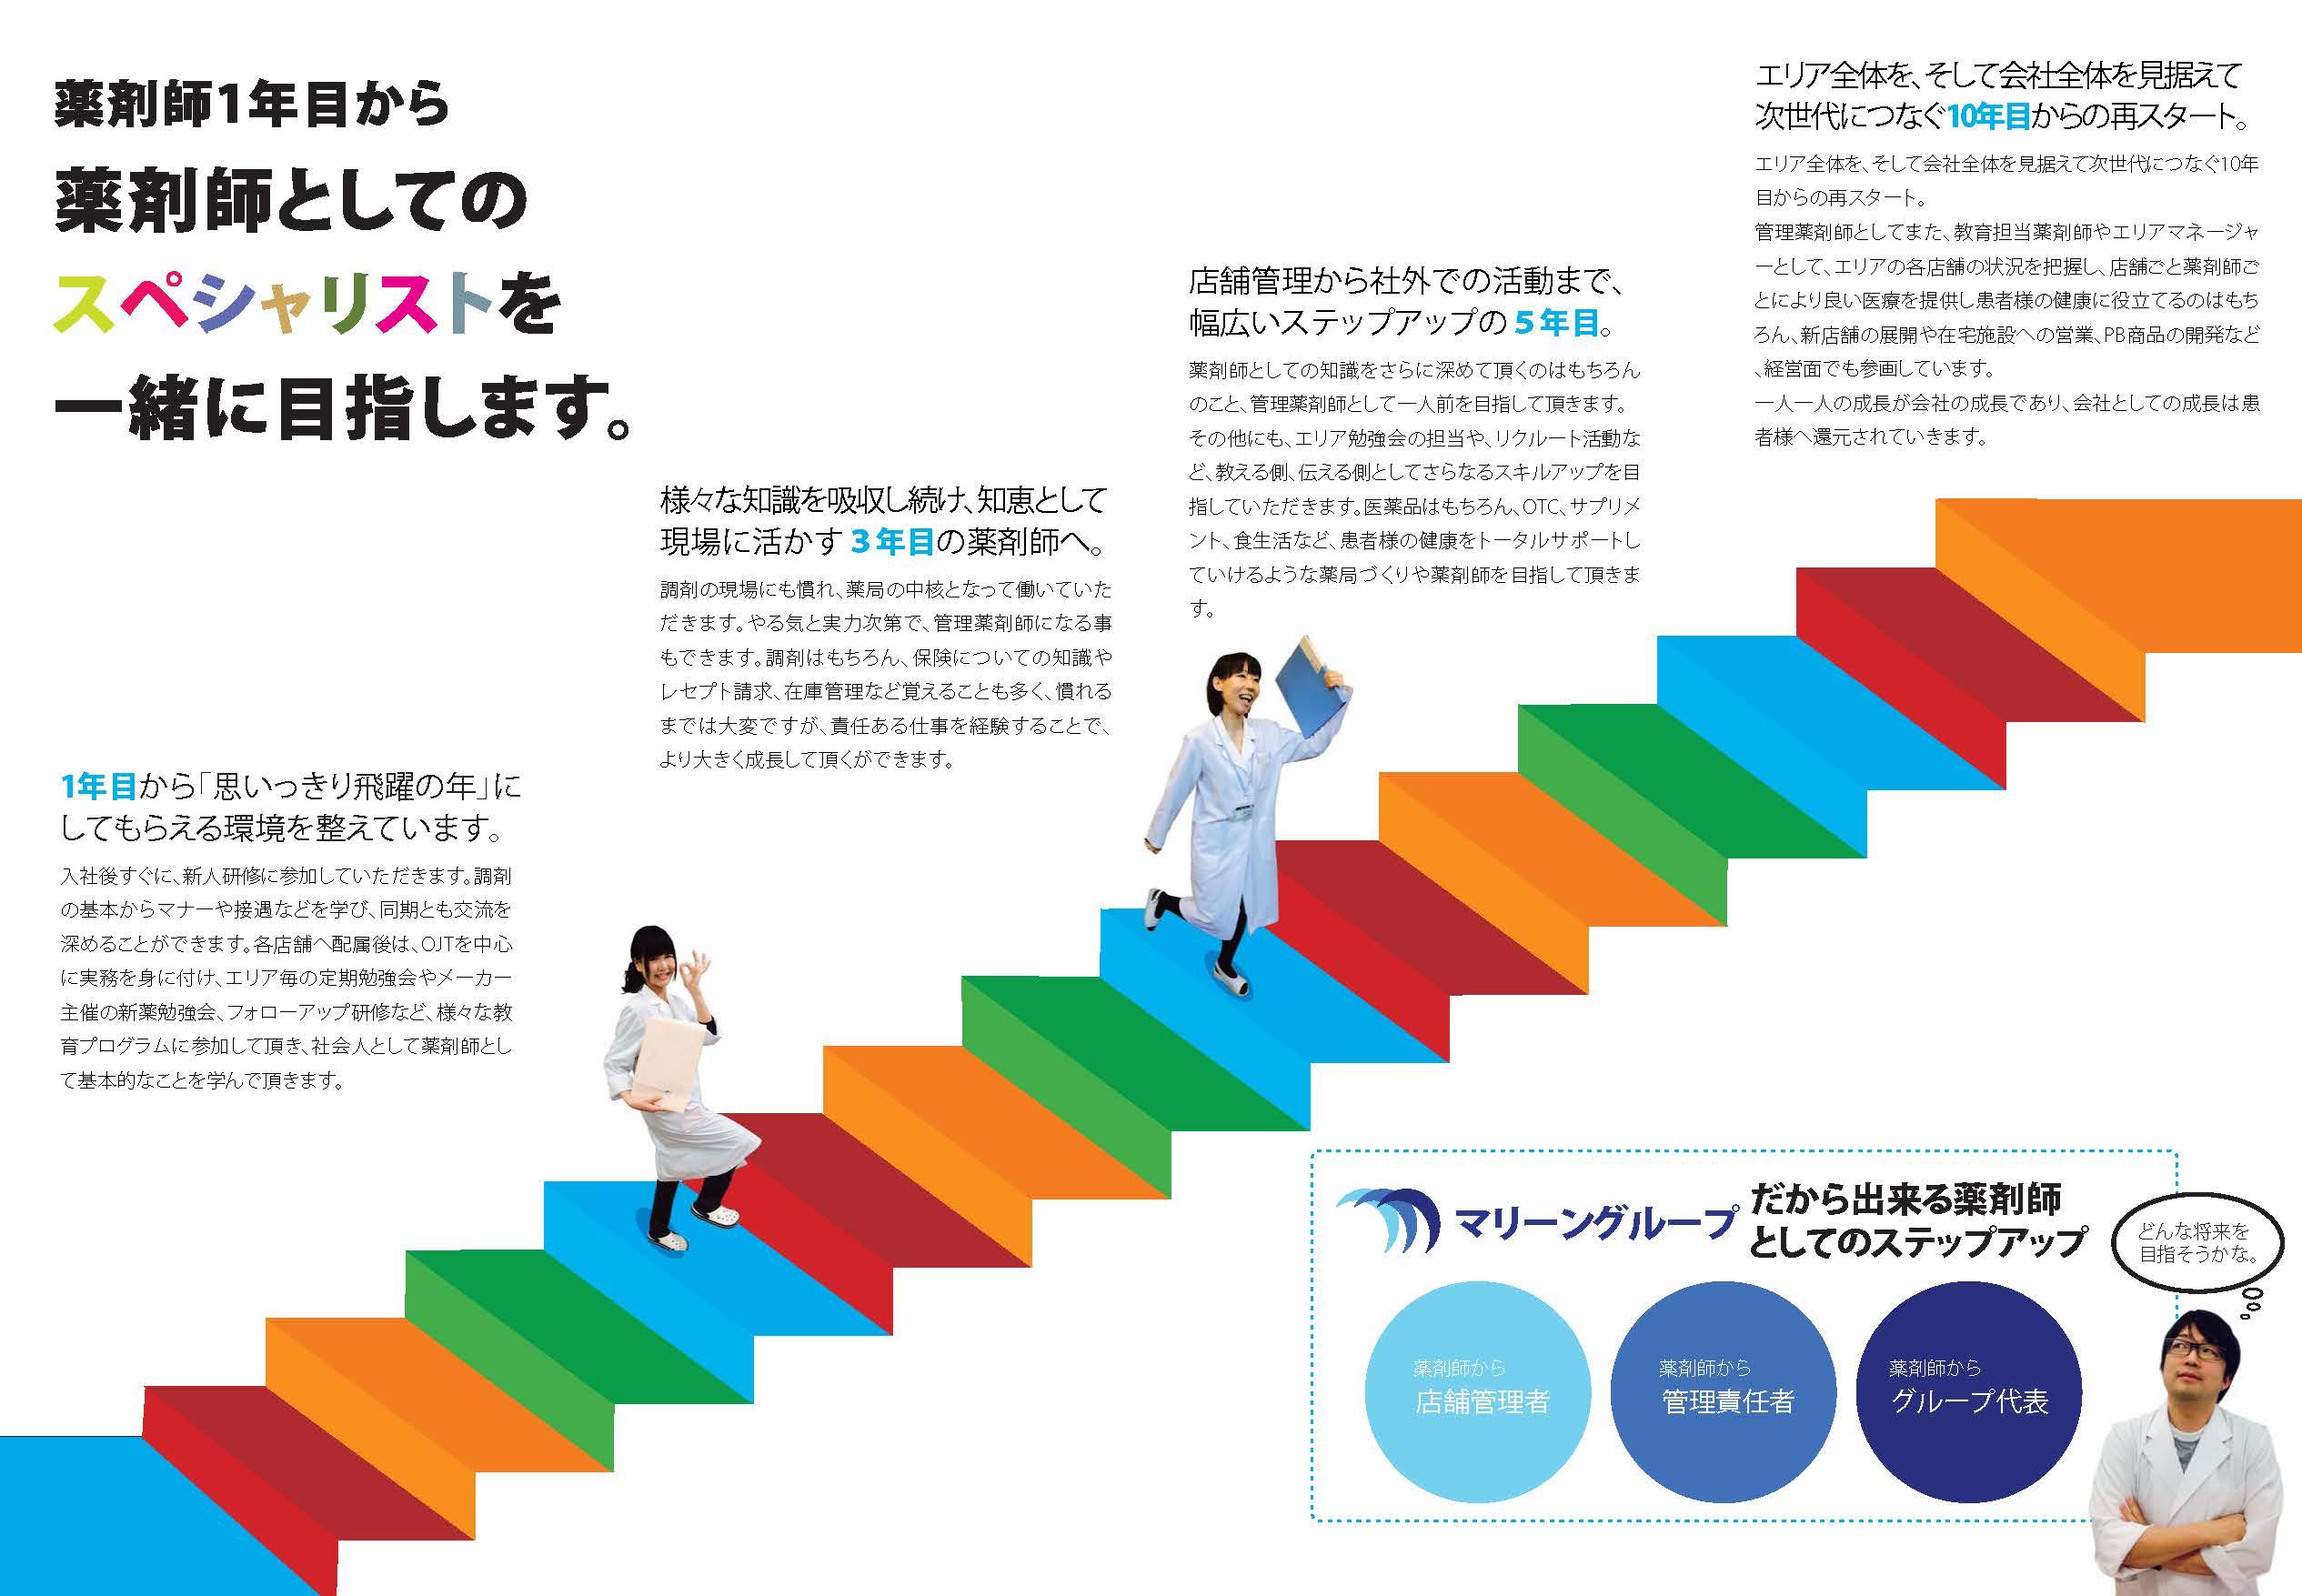 マリーングループ御中_パンフレットデザイン_20150126_ページ_3